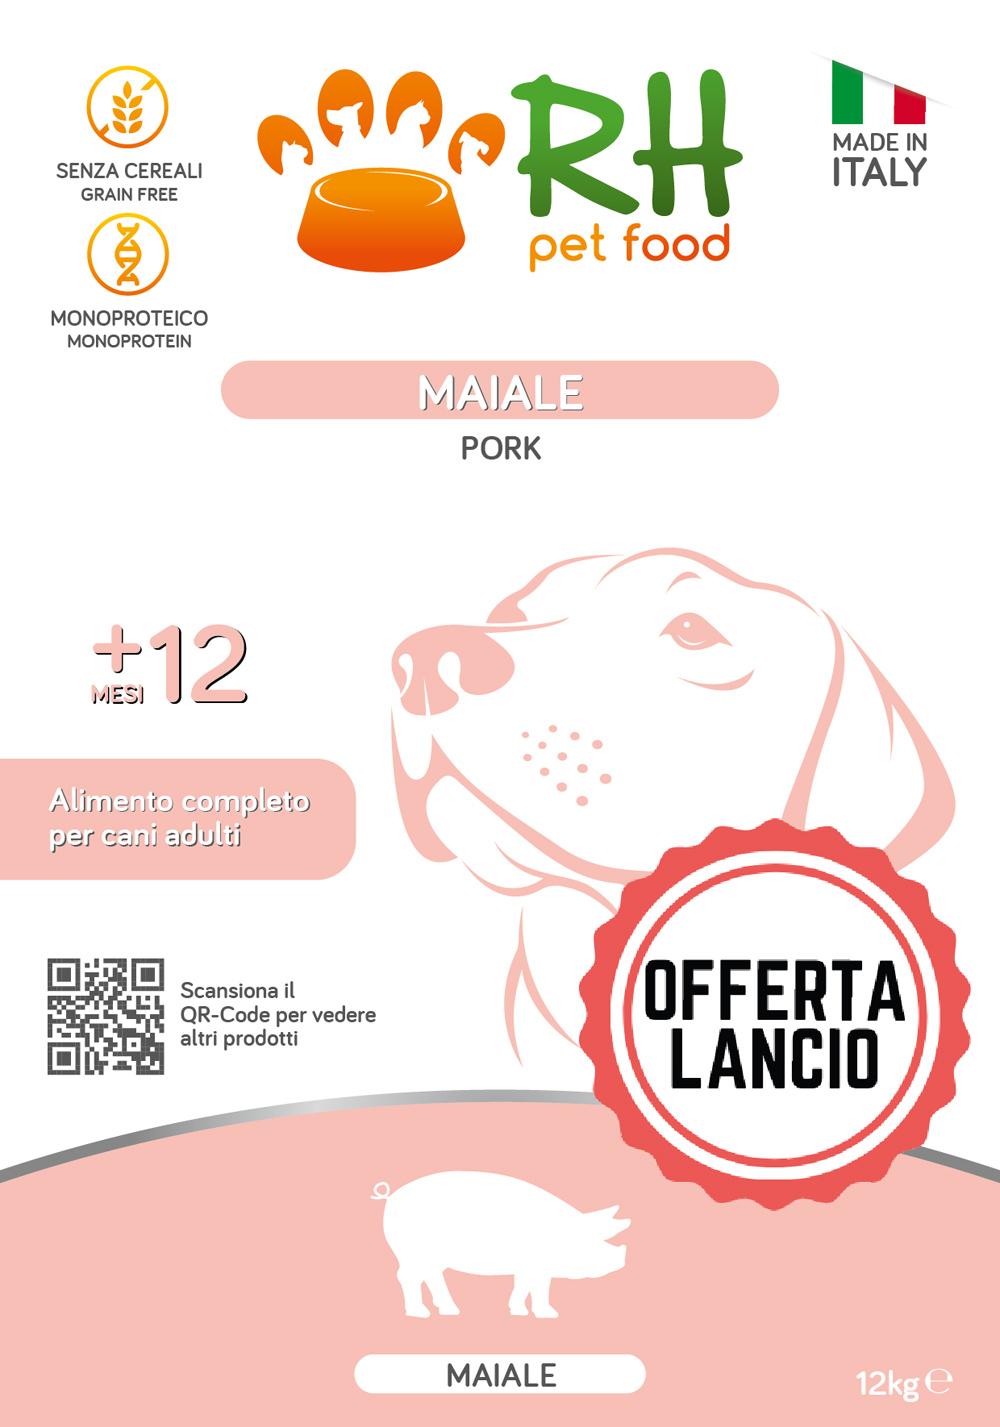 OFFERTA LANCIO maiale Grain free monoproteico 12kg